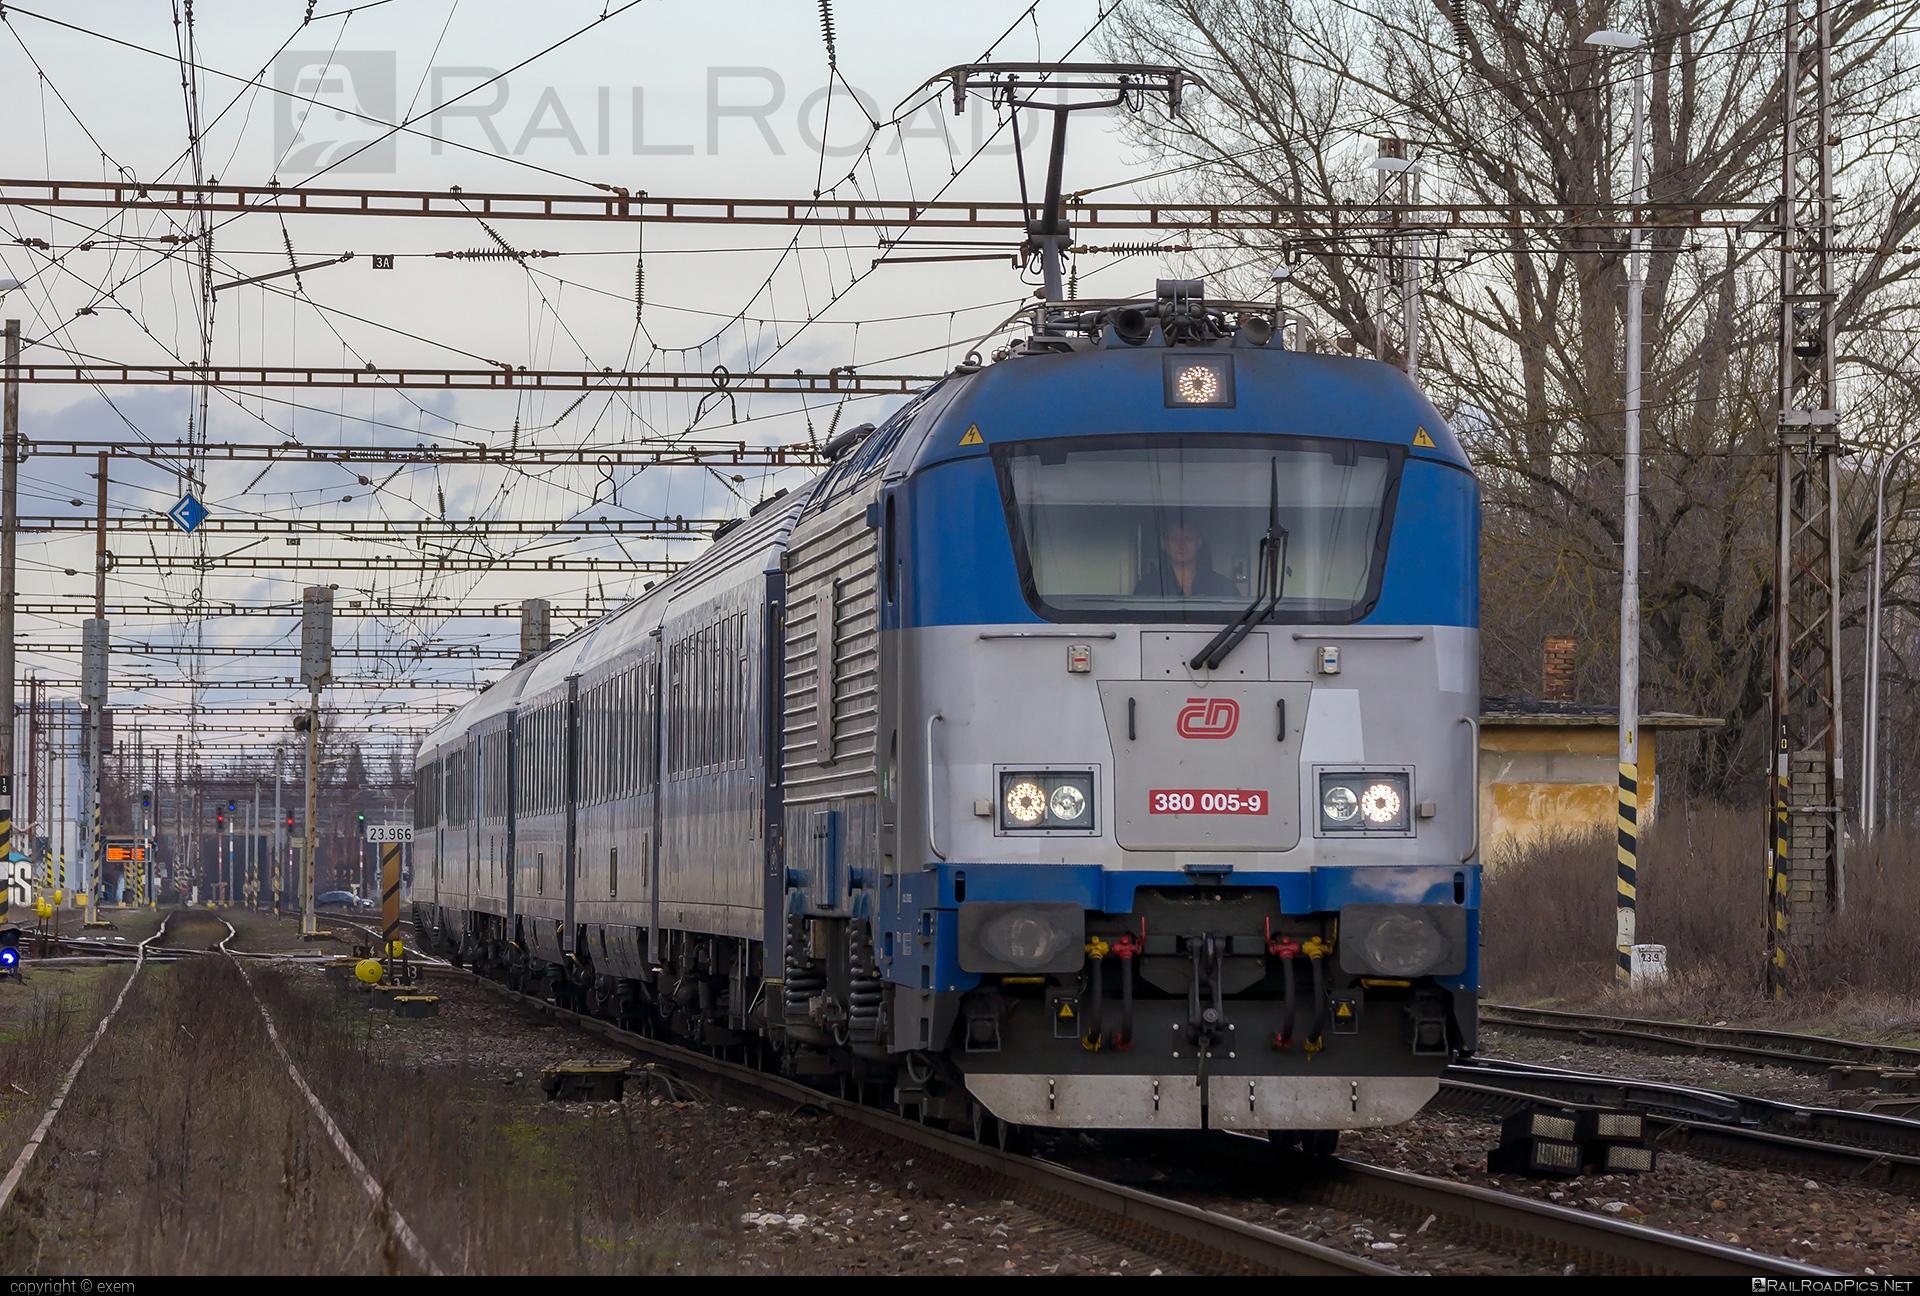 Škoda 109E0 Emil Zátopek - 380 005-9 operated by České dráhy, a.s. #ceskedrahy #emilzatopeklocomotive #locomotive380 #skoda #skoda109e #skoda109elocomotive